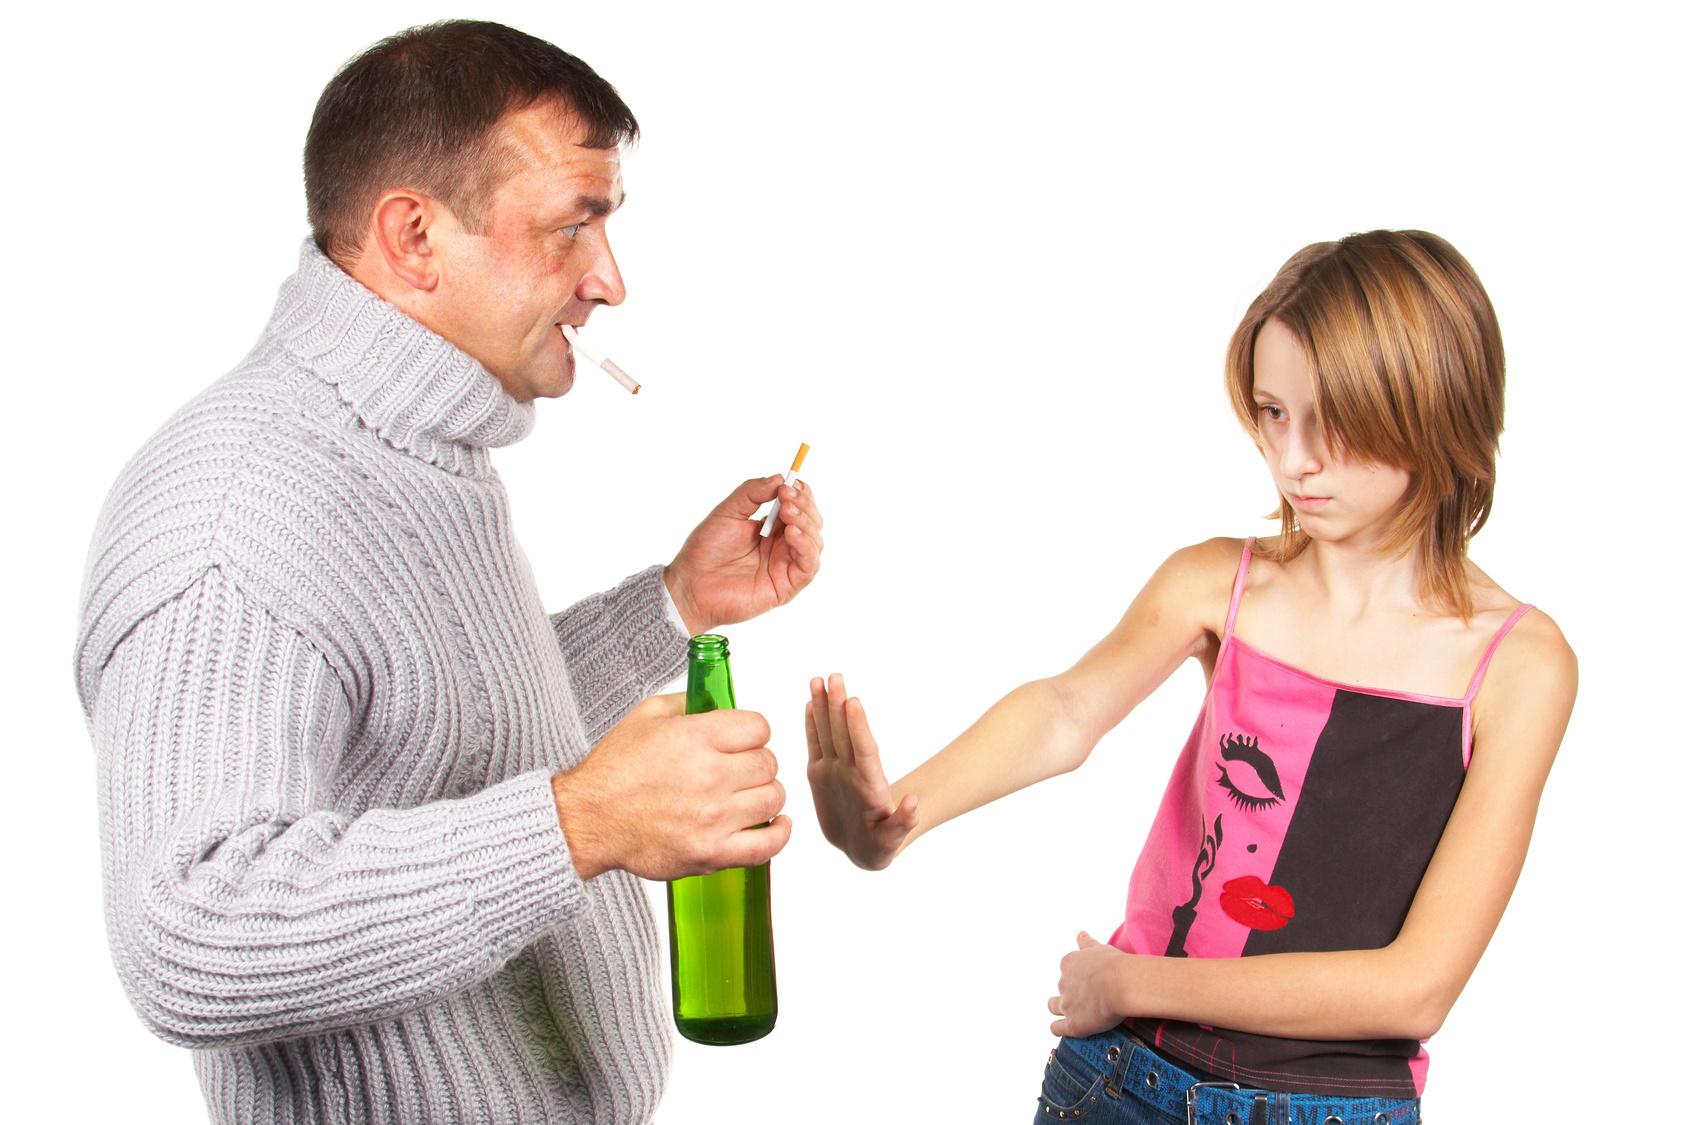 Аллен карр легкий способ бросить курить купить в спб